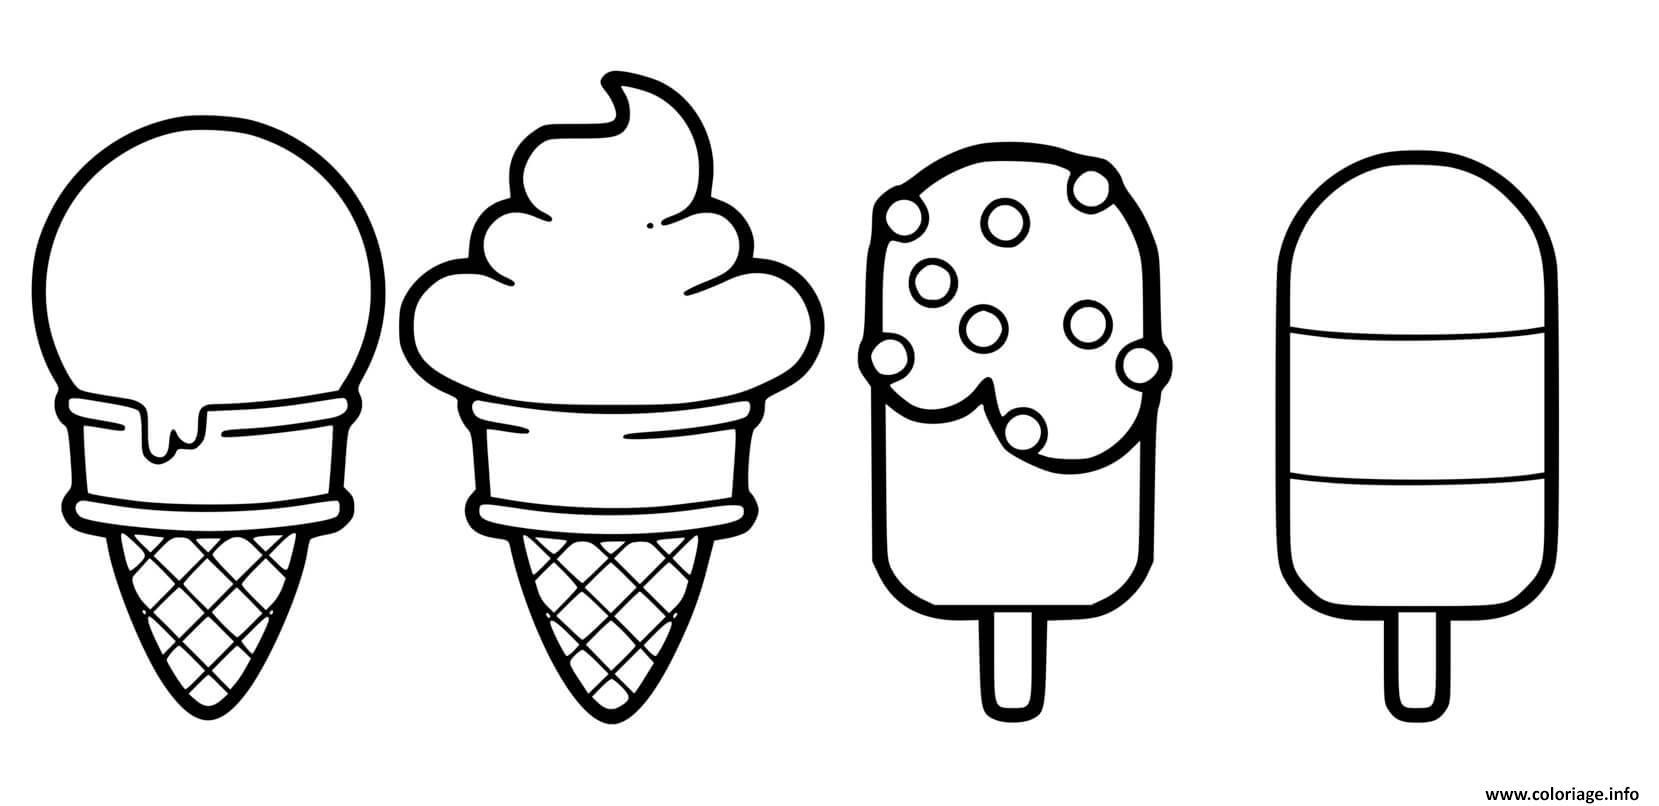 Dessin glaces kawaii tout genre chocolat fraise vanille Coloriage Gratuit à Imprimer